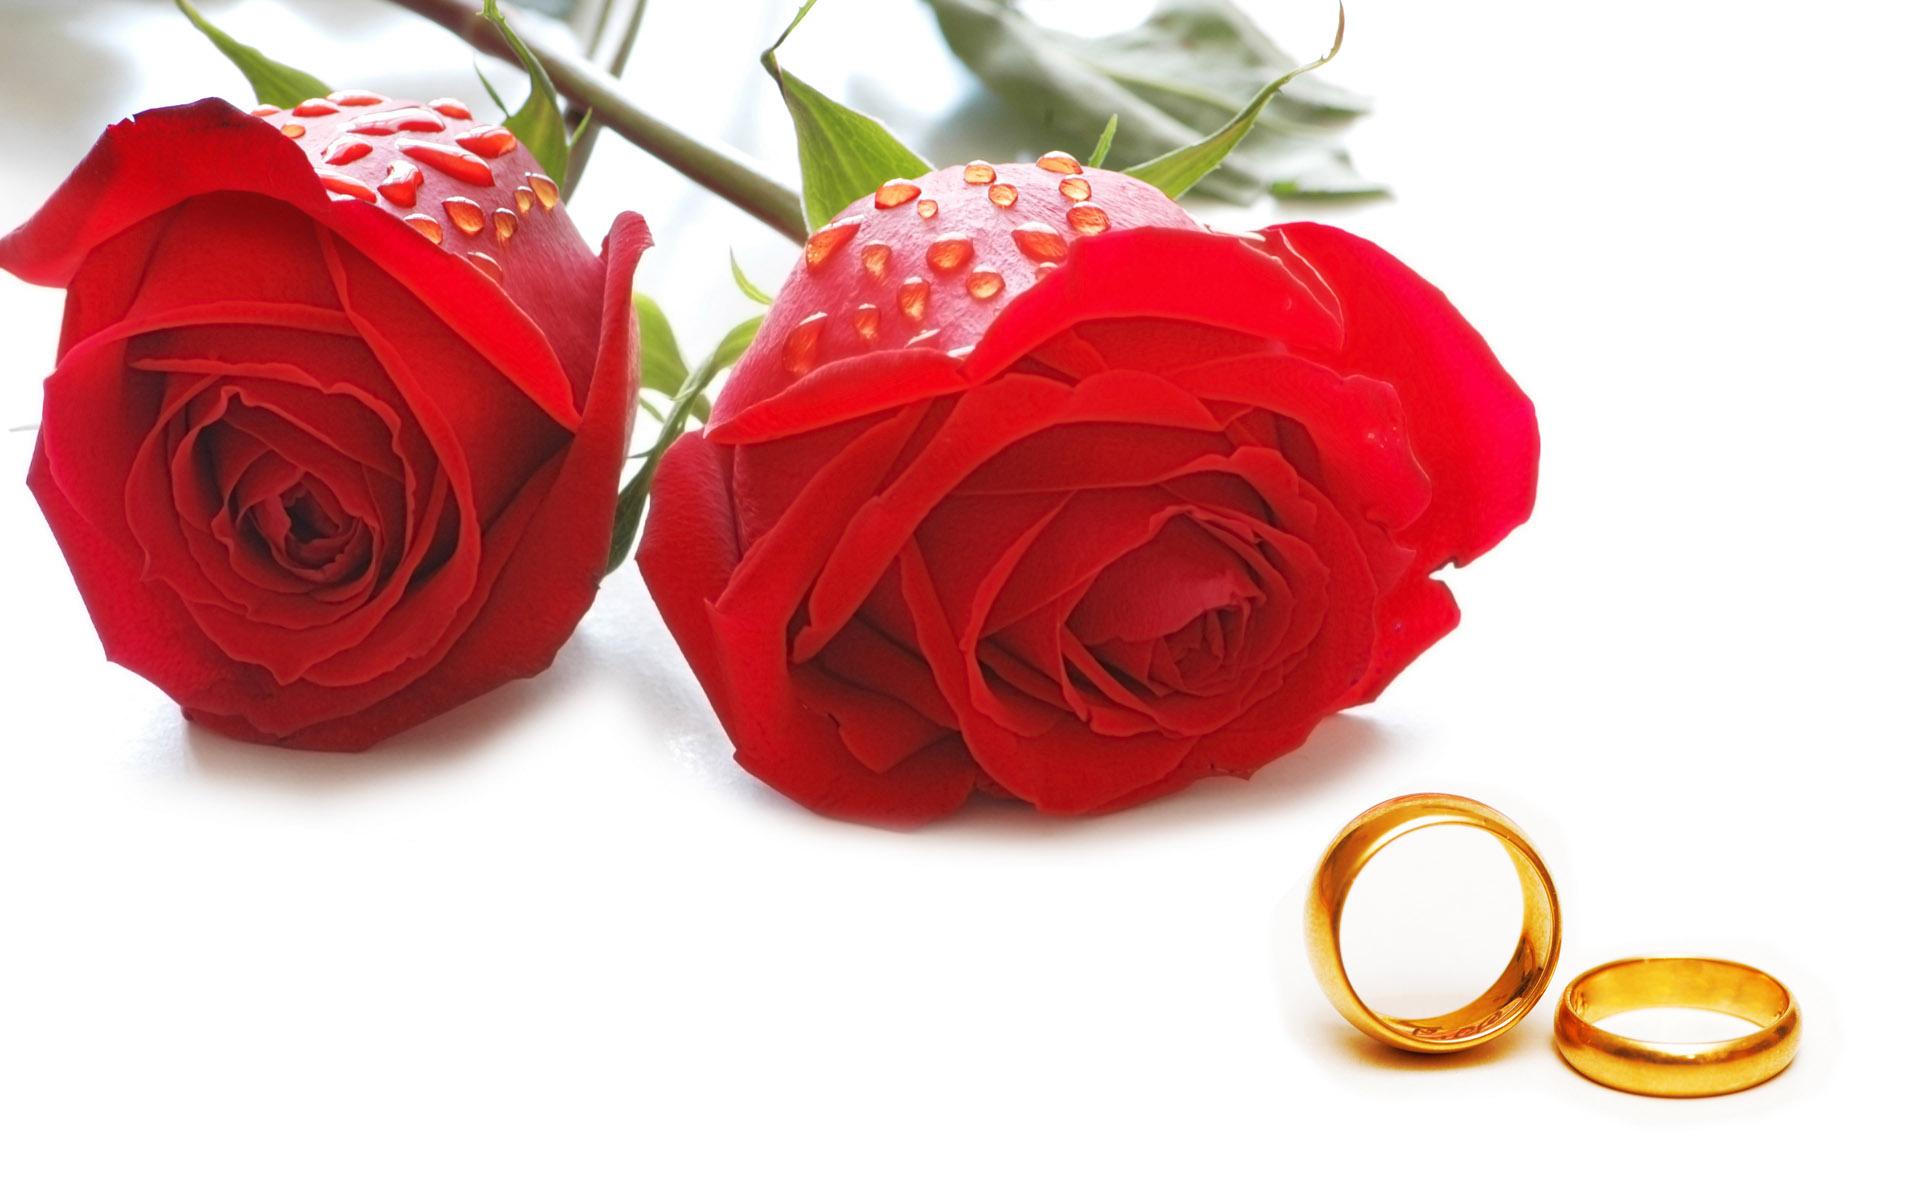 عشق / گل رز قرمز,انواع مختلف عشق {hendevaneh.com}{سایتهندوانه} -  DA AF D9 84  D8 B1 D8 B2  D9 82 D8 B1 D9 85 D8 B2  D8 B9 D8 B4 D9 82 -